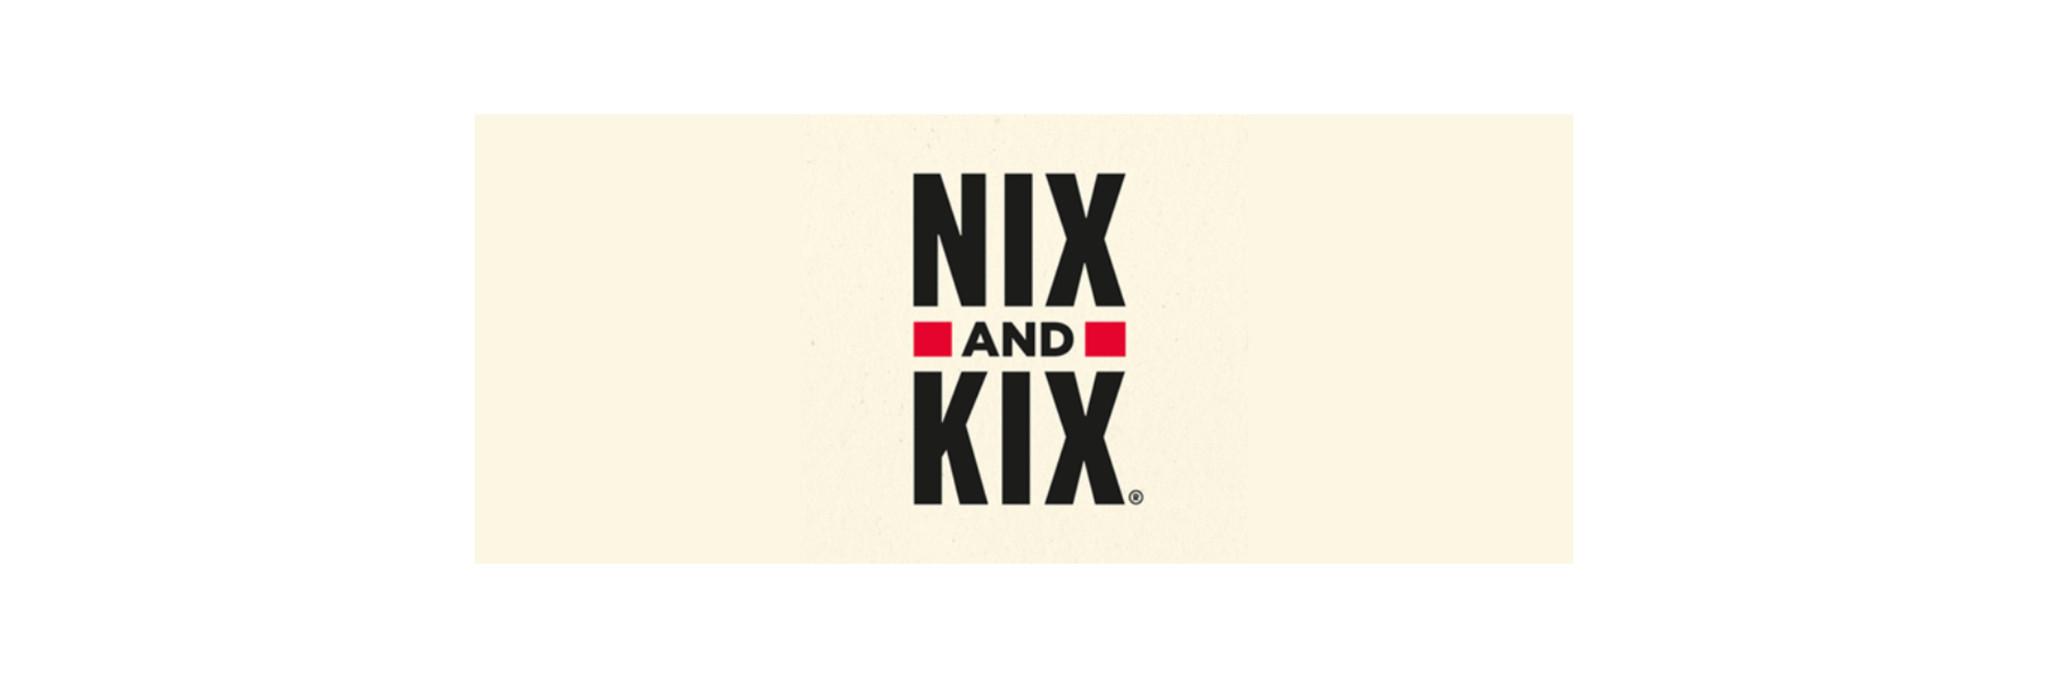 NIX AND KIX